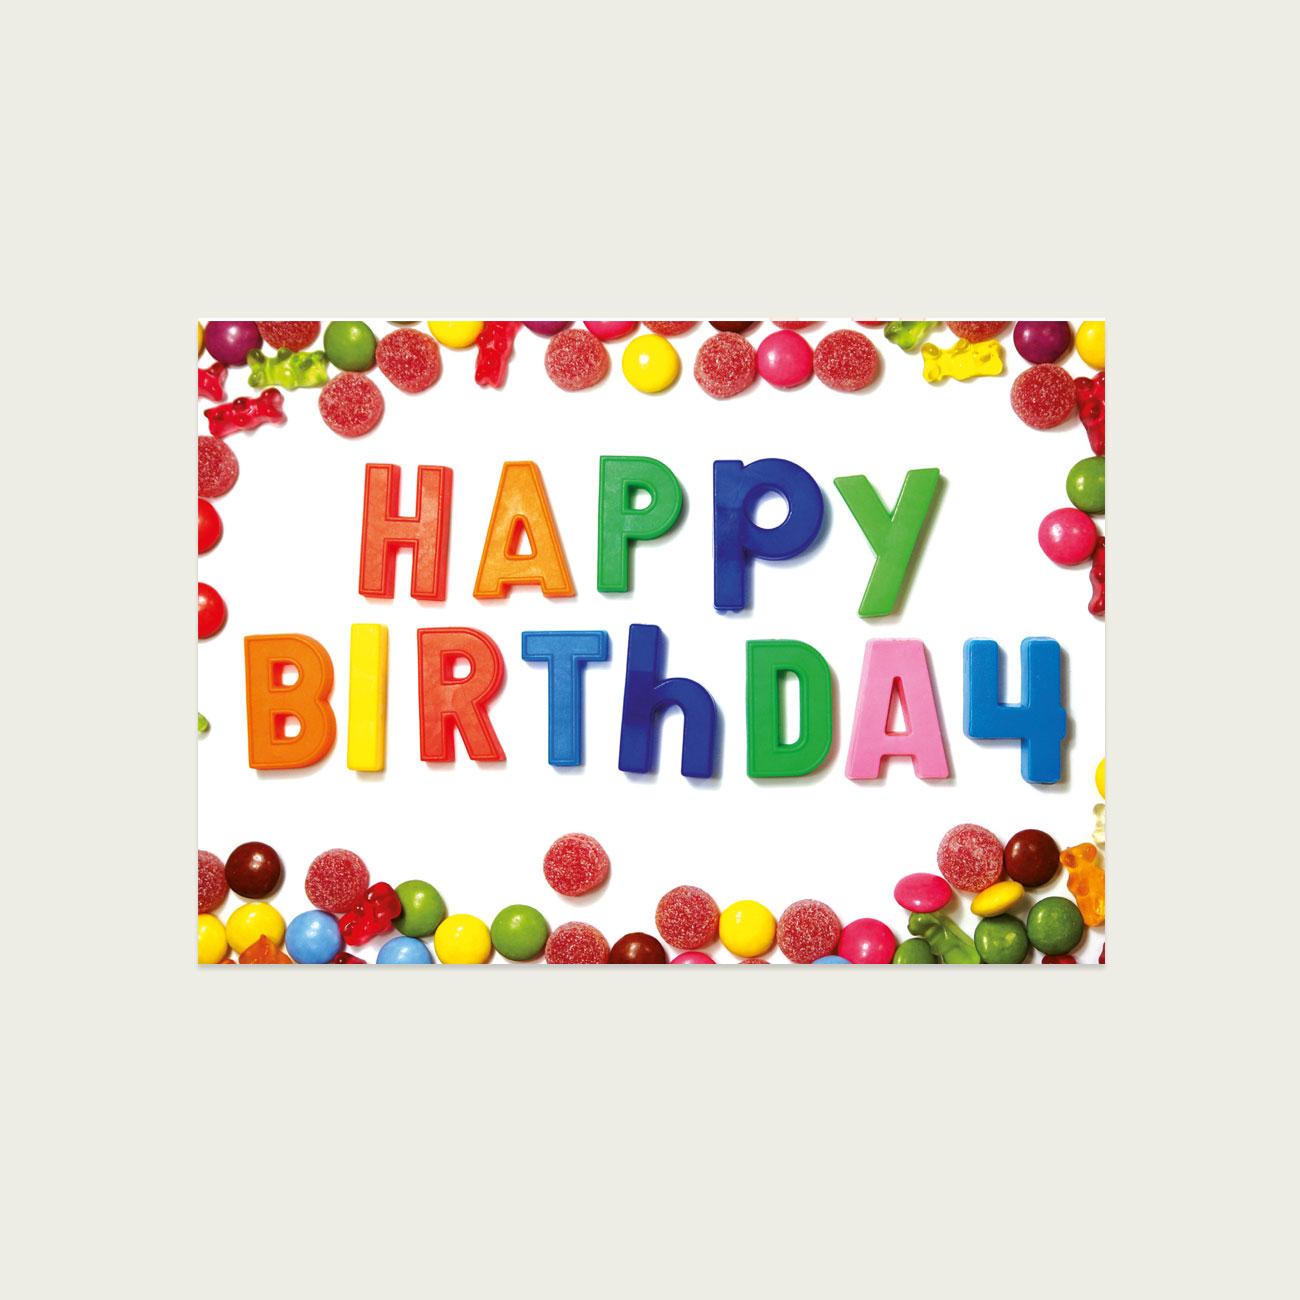 Happy Bithday, Süßkram auf einer Postkarte, Typo aus Magnetbuchstaben,